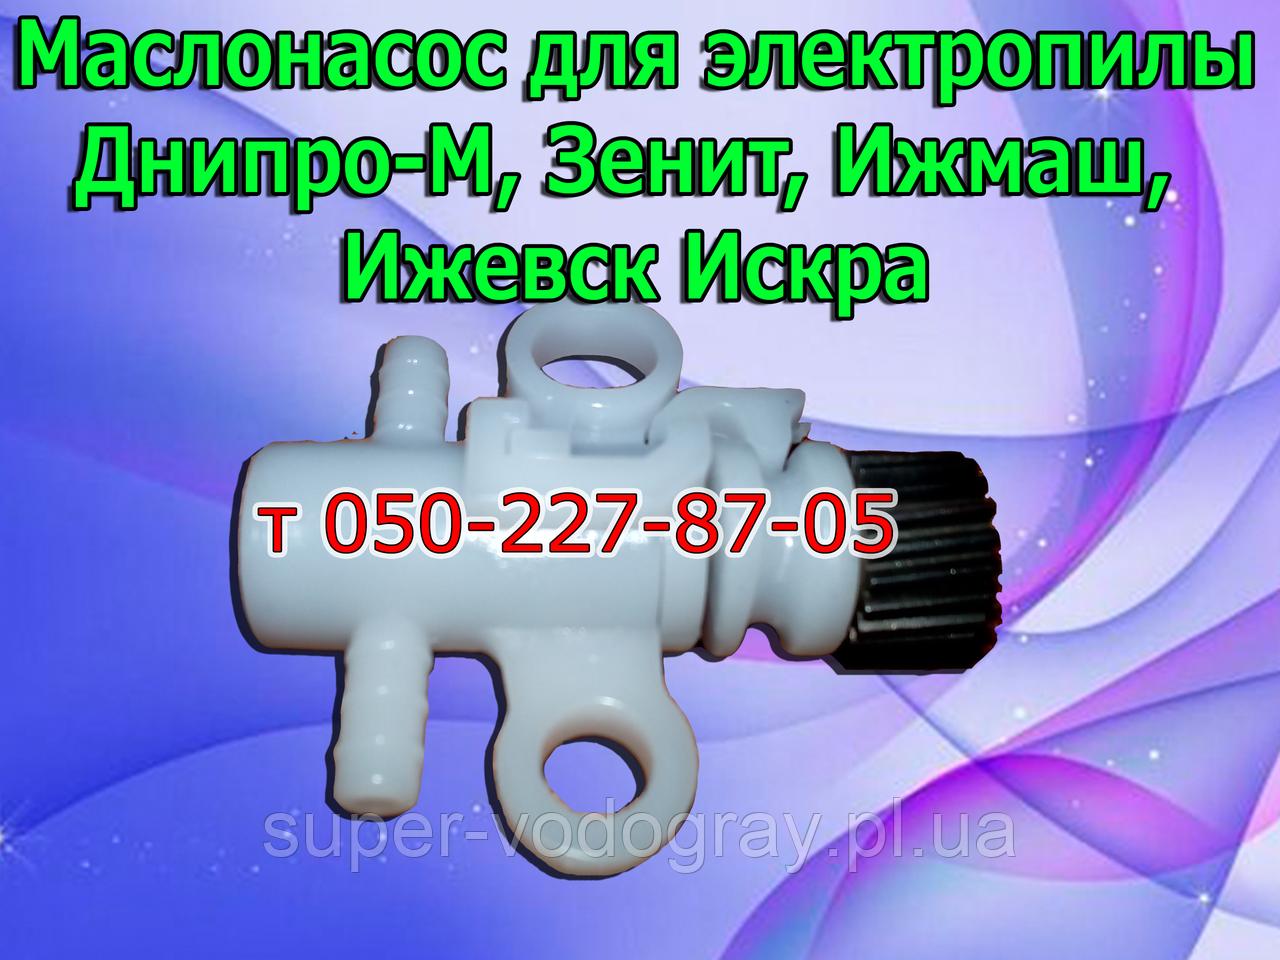 Маслонасос для электропилы Днипро-М, Зенит, Ижмаш, Ижевск Искра